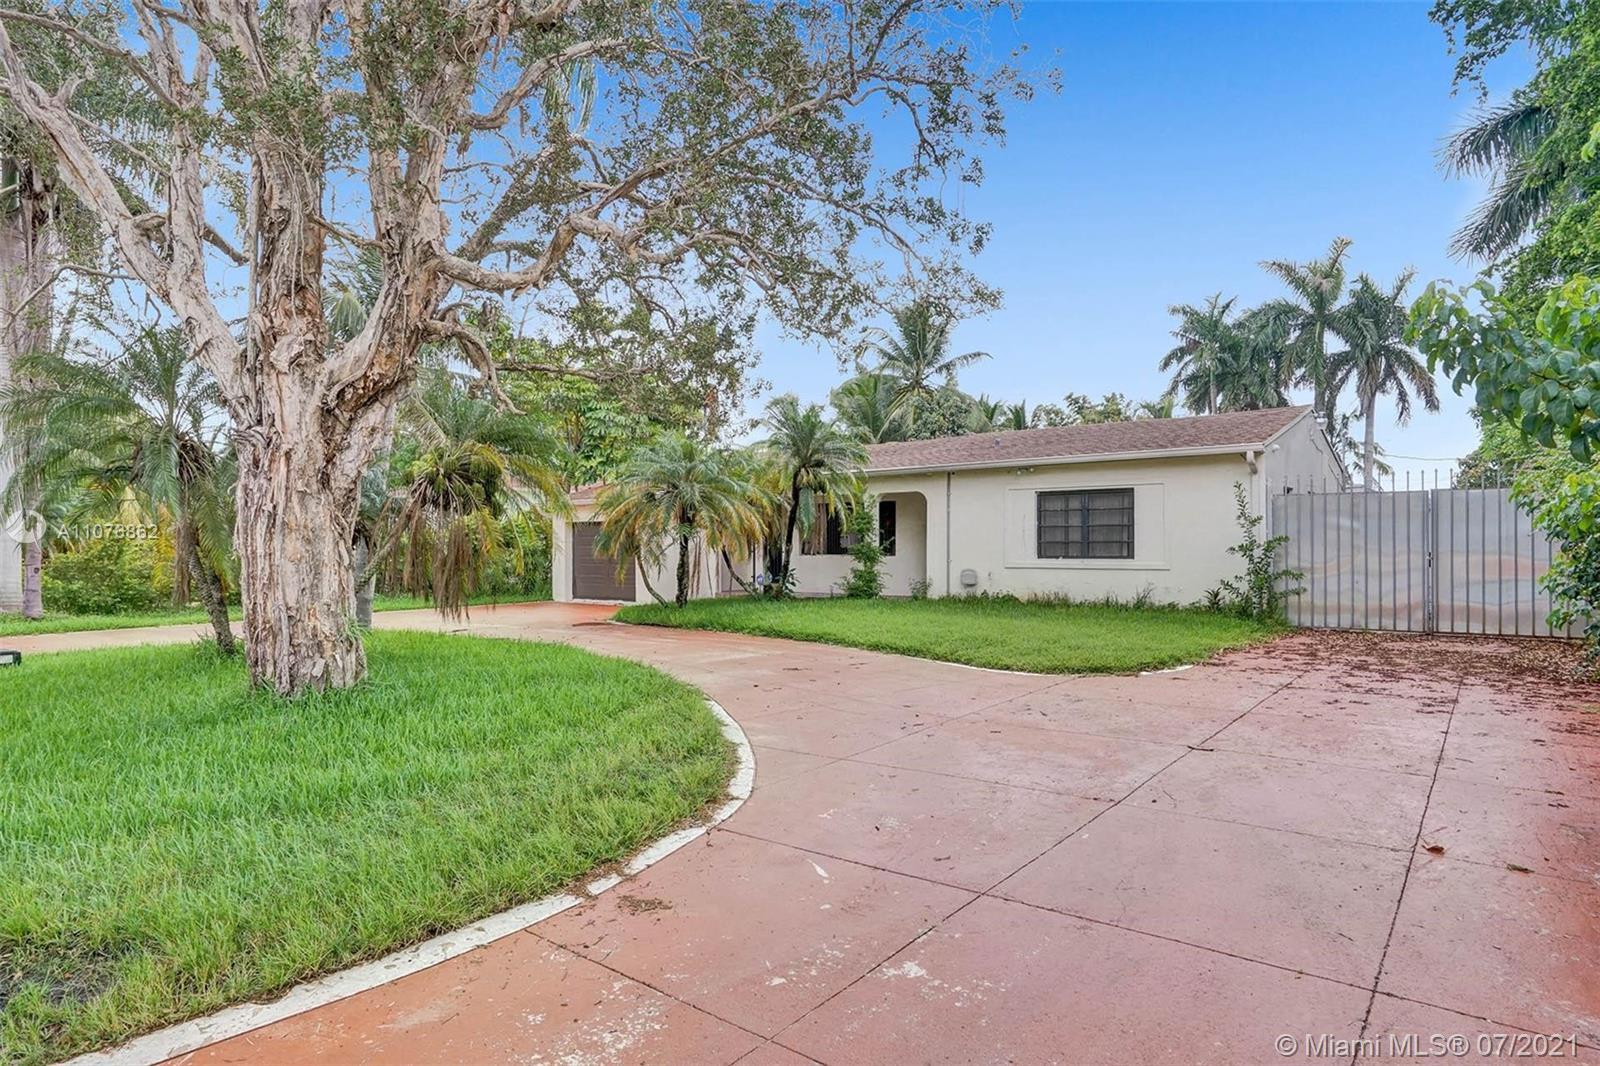 Bisc Gardens - 13521 NE 1st Ave, Miami, FL 33161